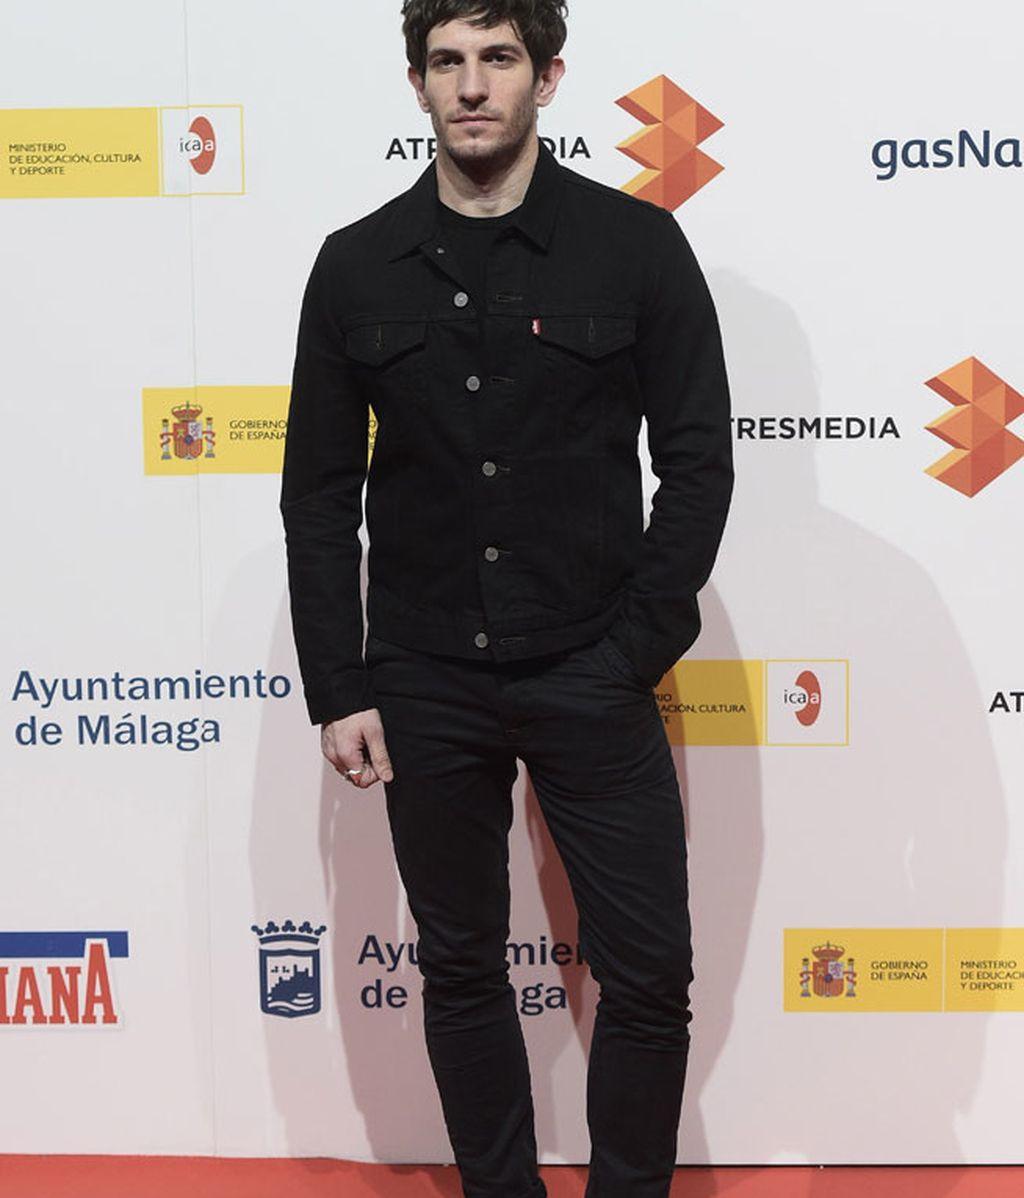 Quim Gutiérrez, protagonista de 'Sexo fácil', con look 'total black'